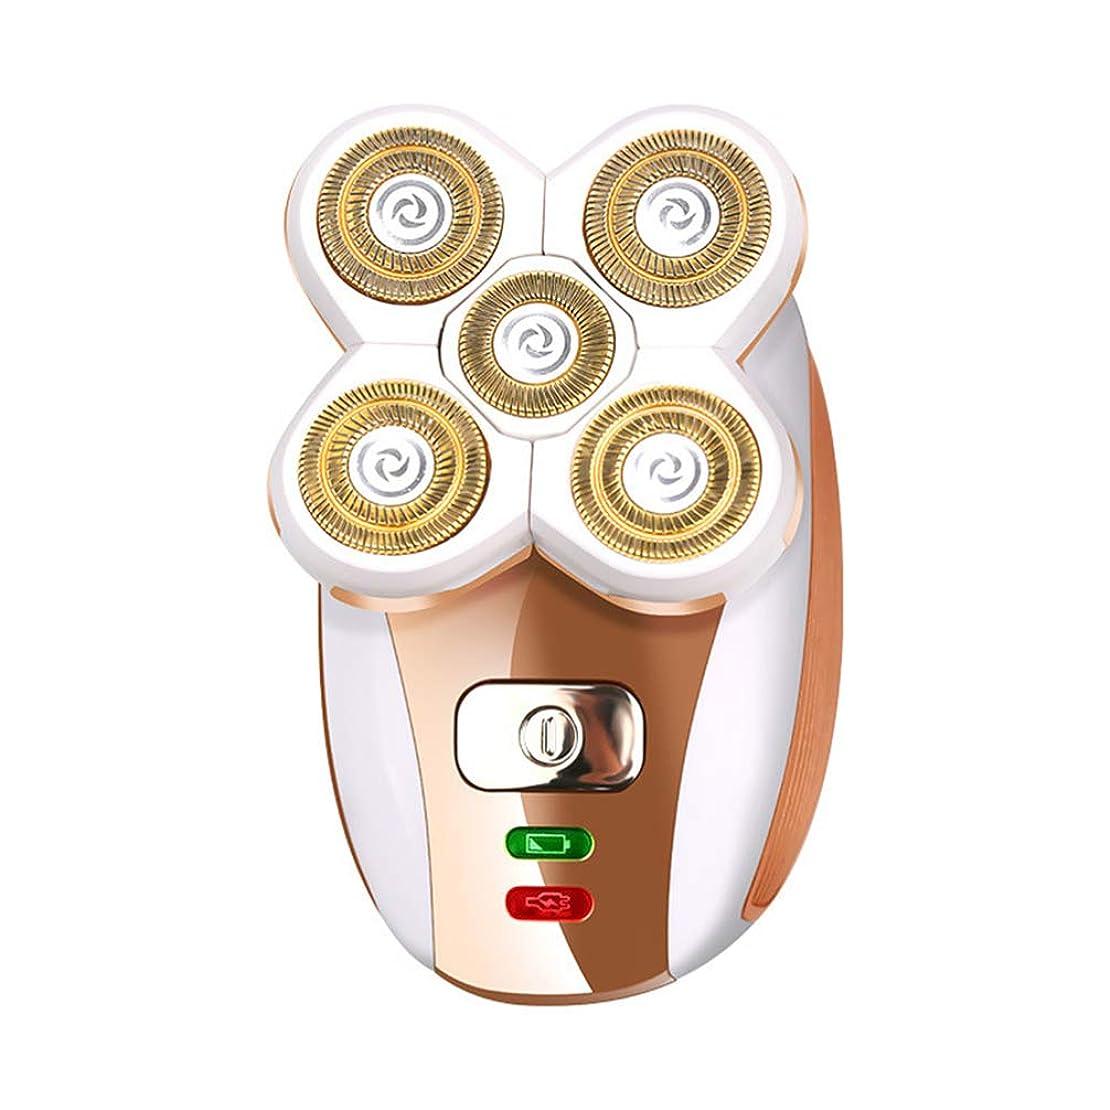 責任者オーストラリア乱雑なLurrose Women USB Electric Razor Hair Removal Epilator Body Hair Shaver for Ladies Girls